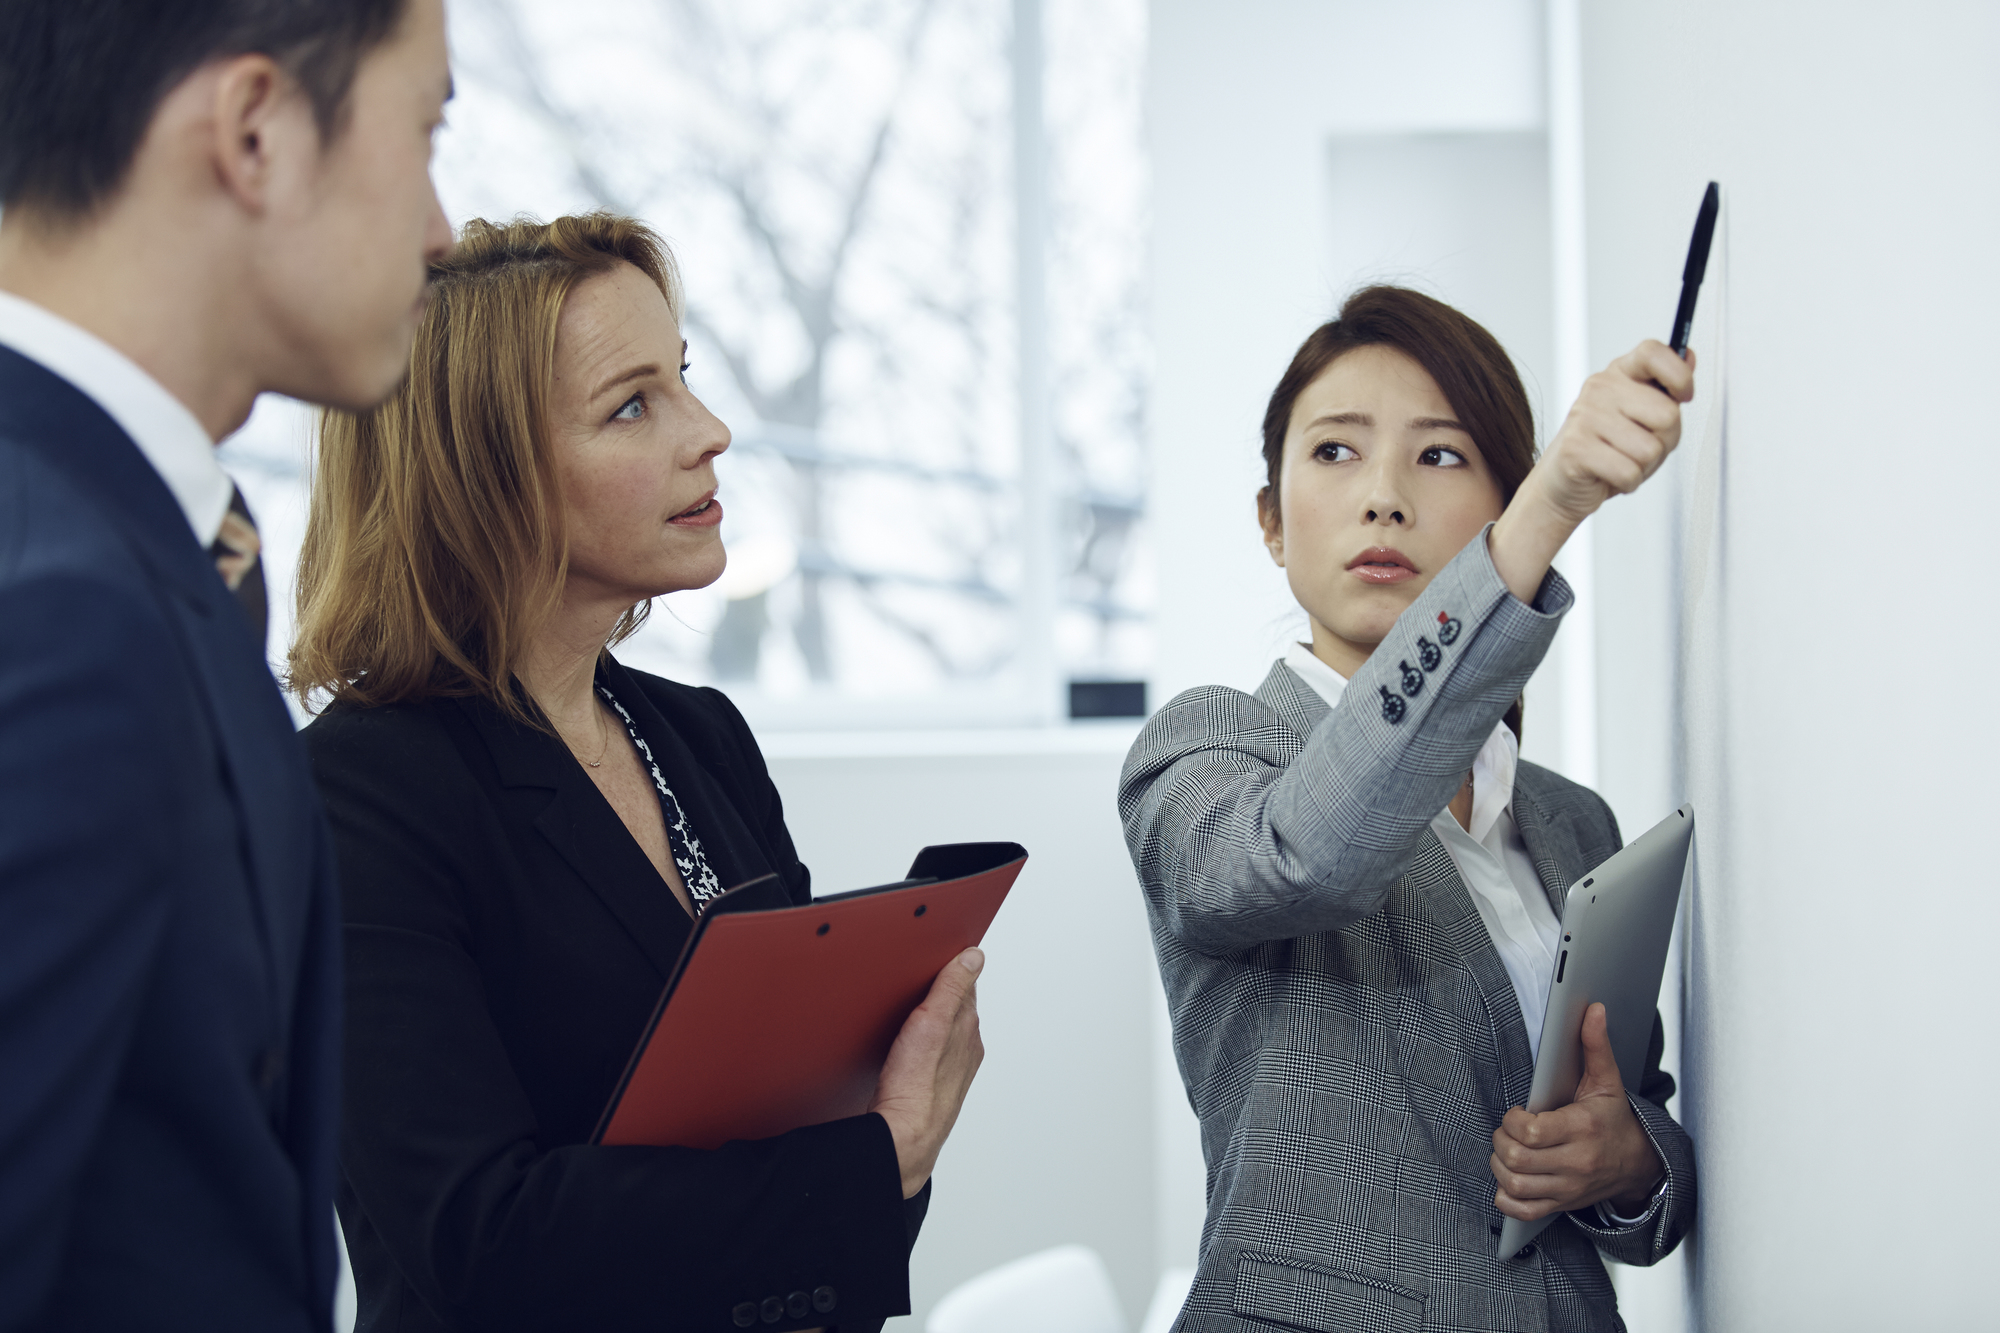 「外資系 マネージャー」の画像検索結果